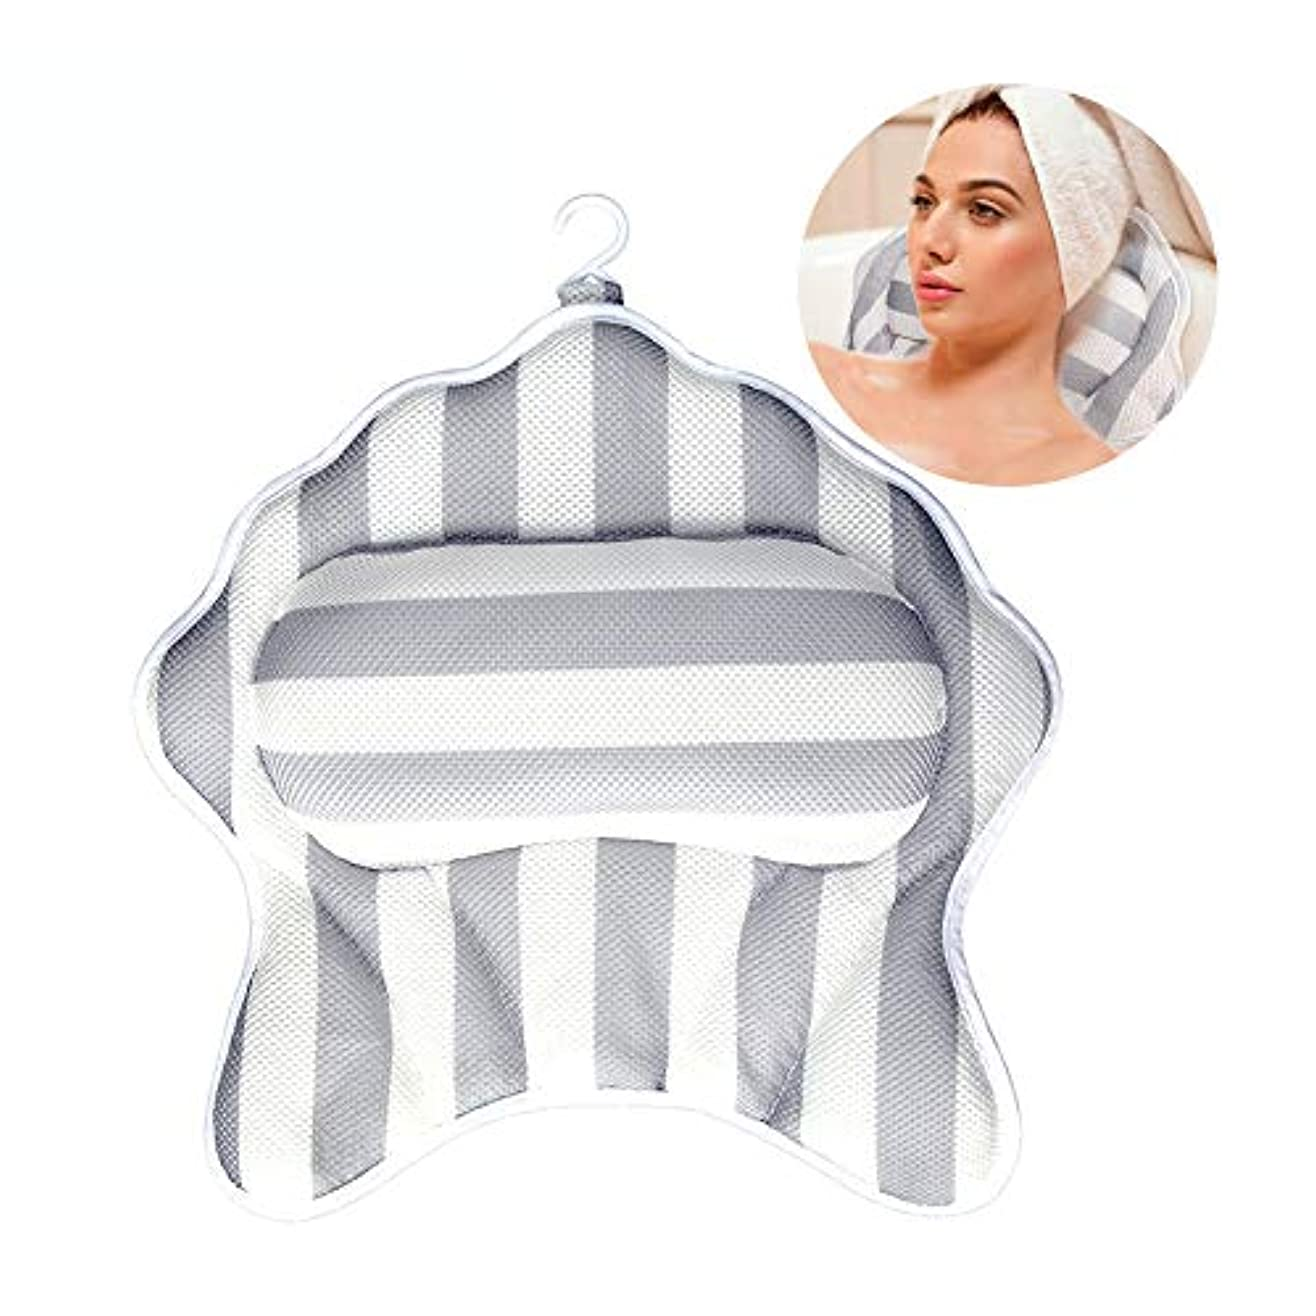 満足認識座標3dメッシュヒトデスパマッサージバスタブ枕浴室枕クッションwith6強い吸引カップは洗濯機で洗えます